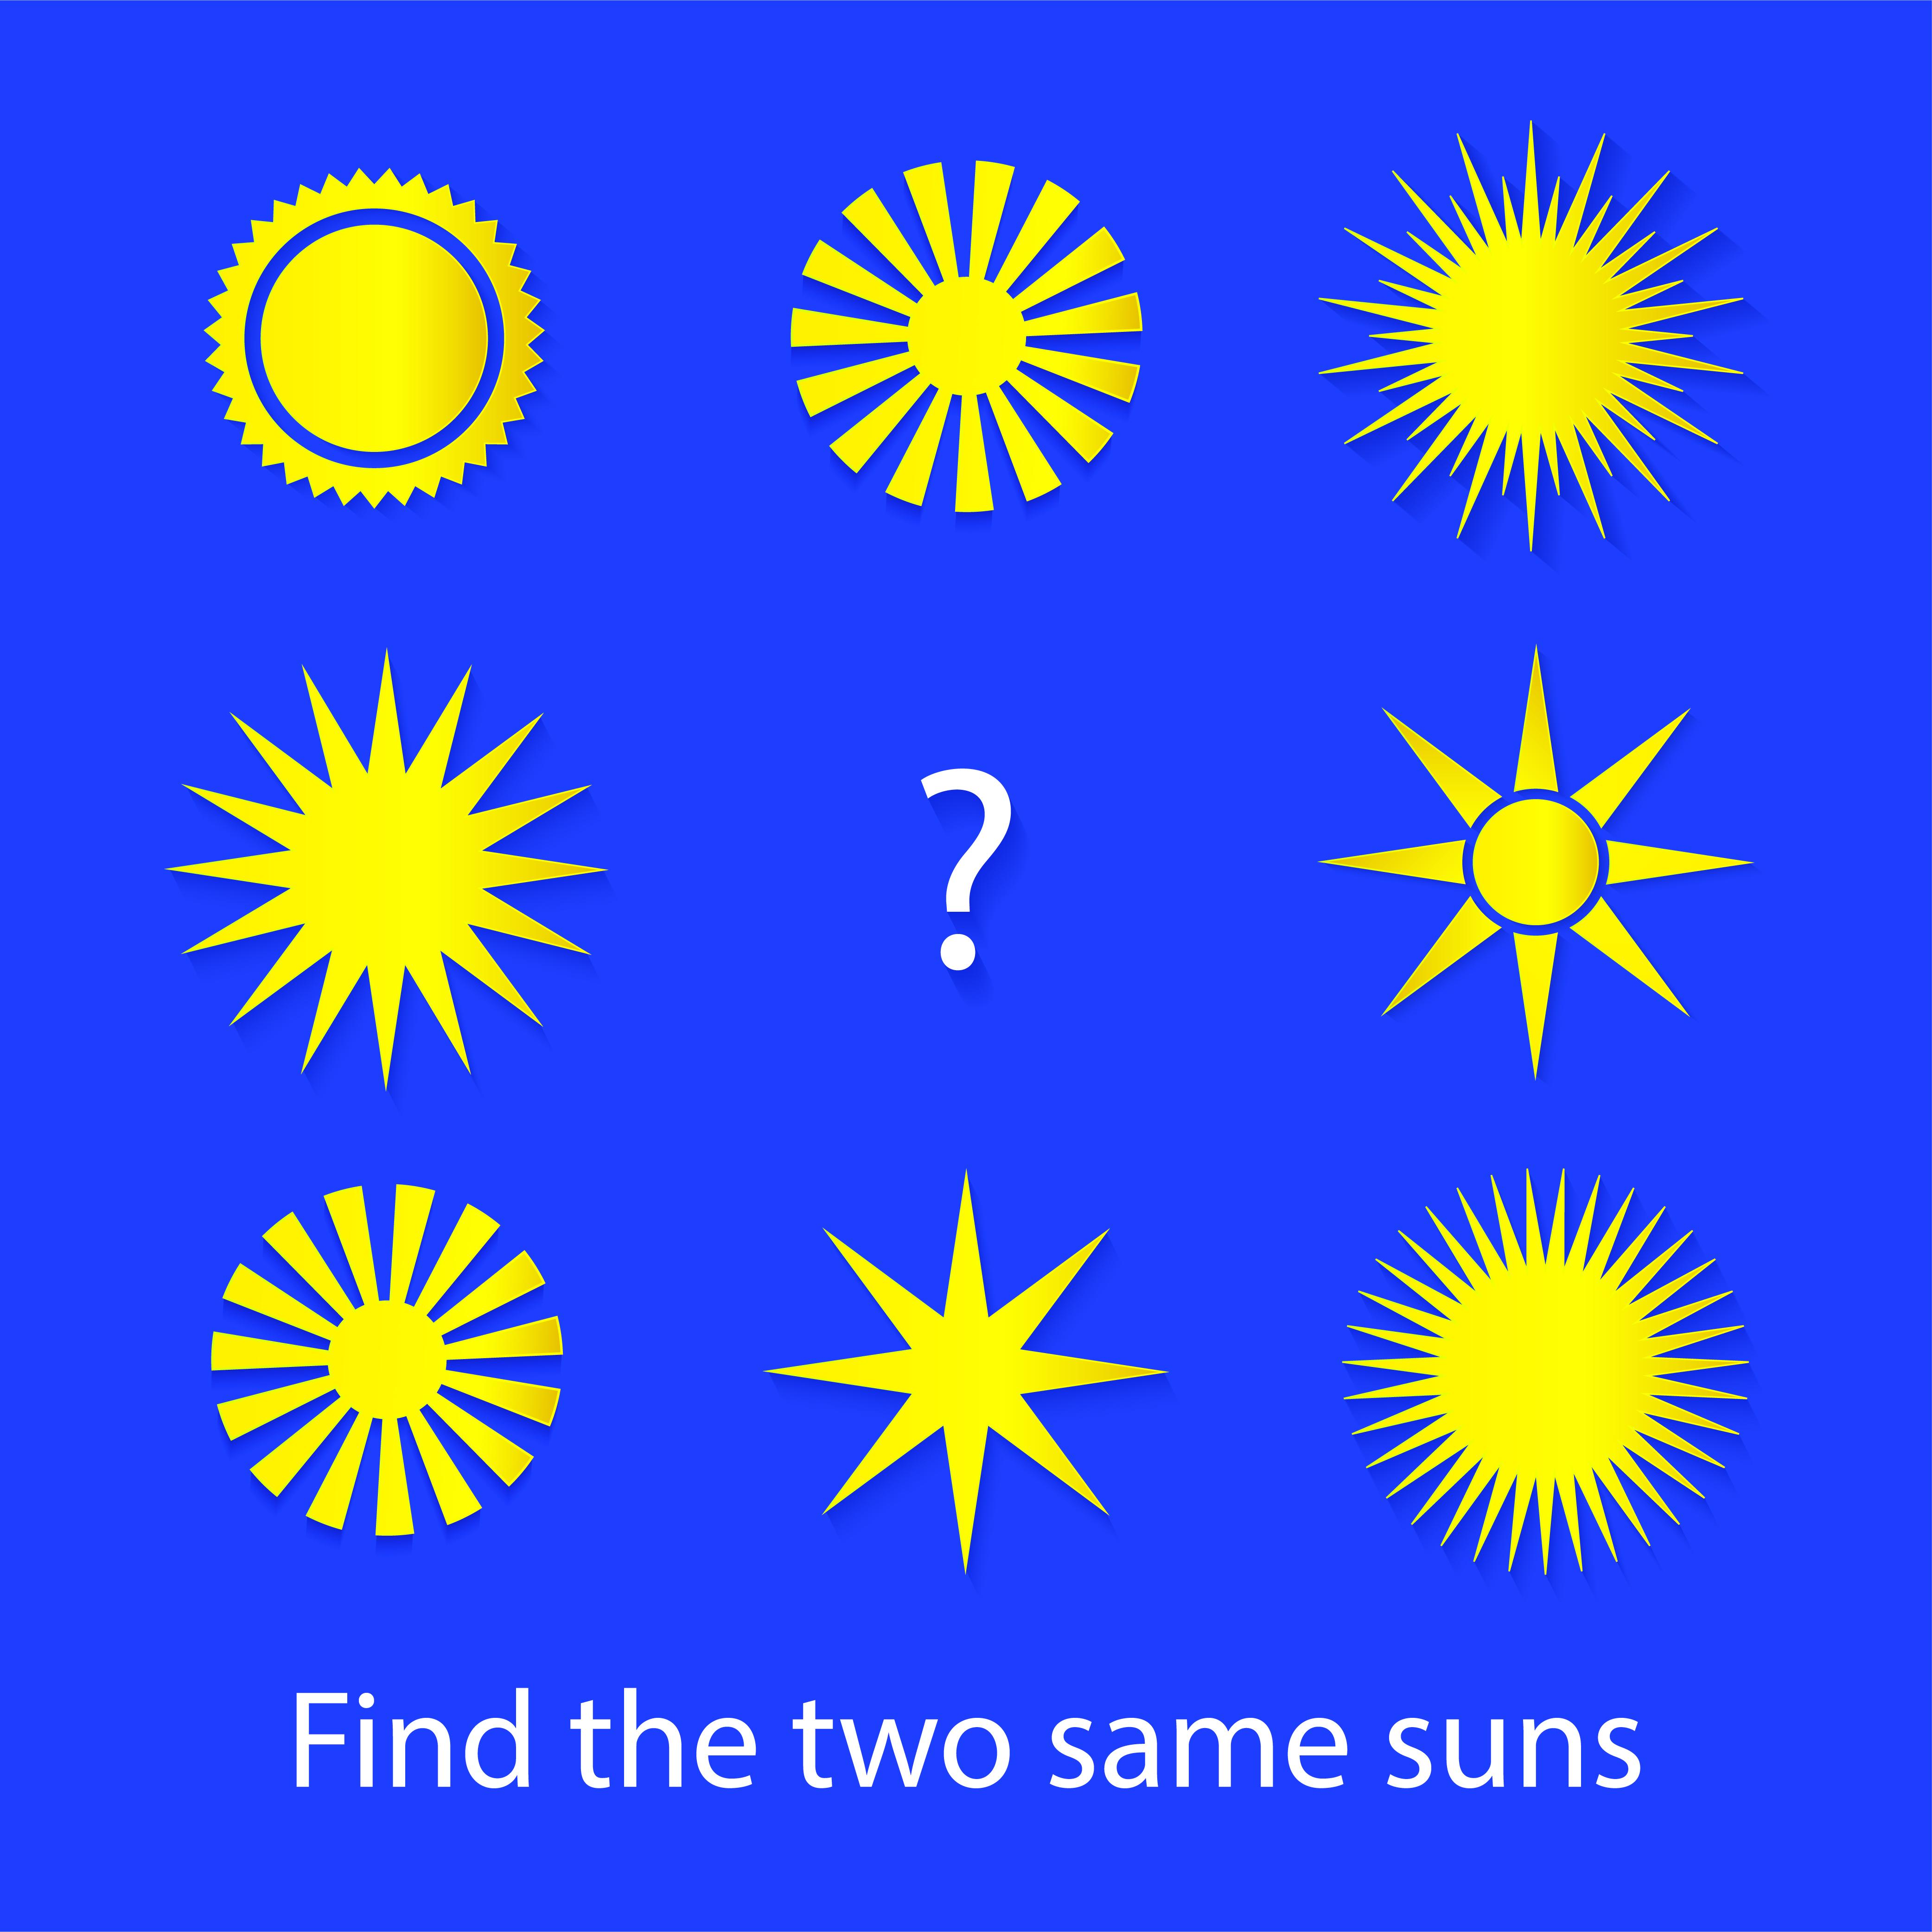 Easy preschool educational brainteasers set example image 22